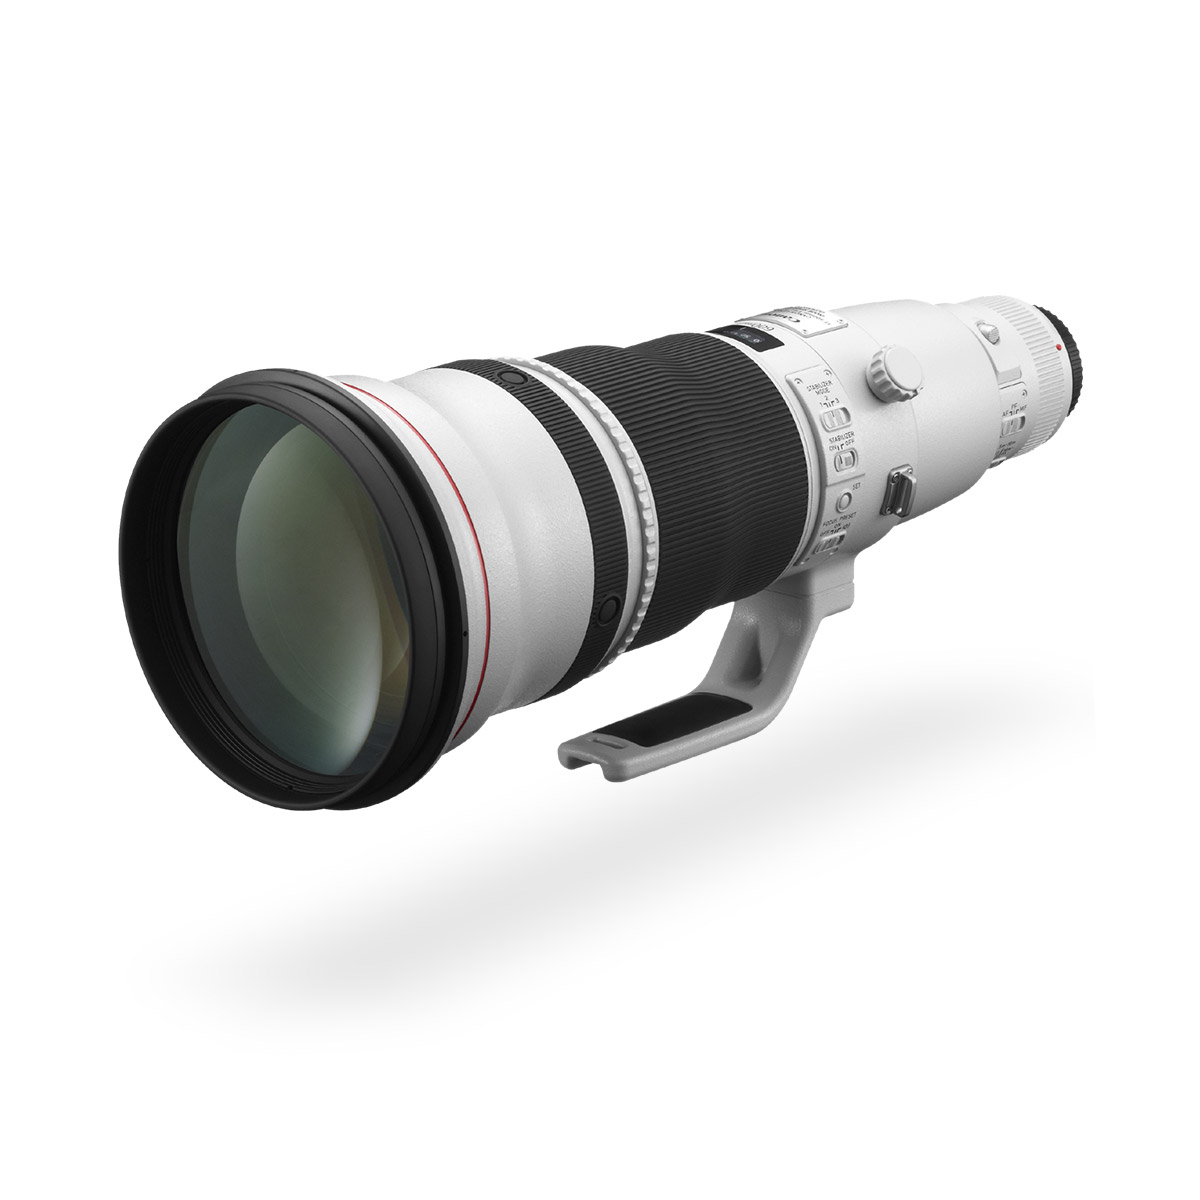 EF 600mm f/4L IS II USM lens